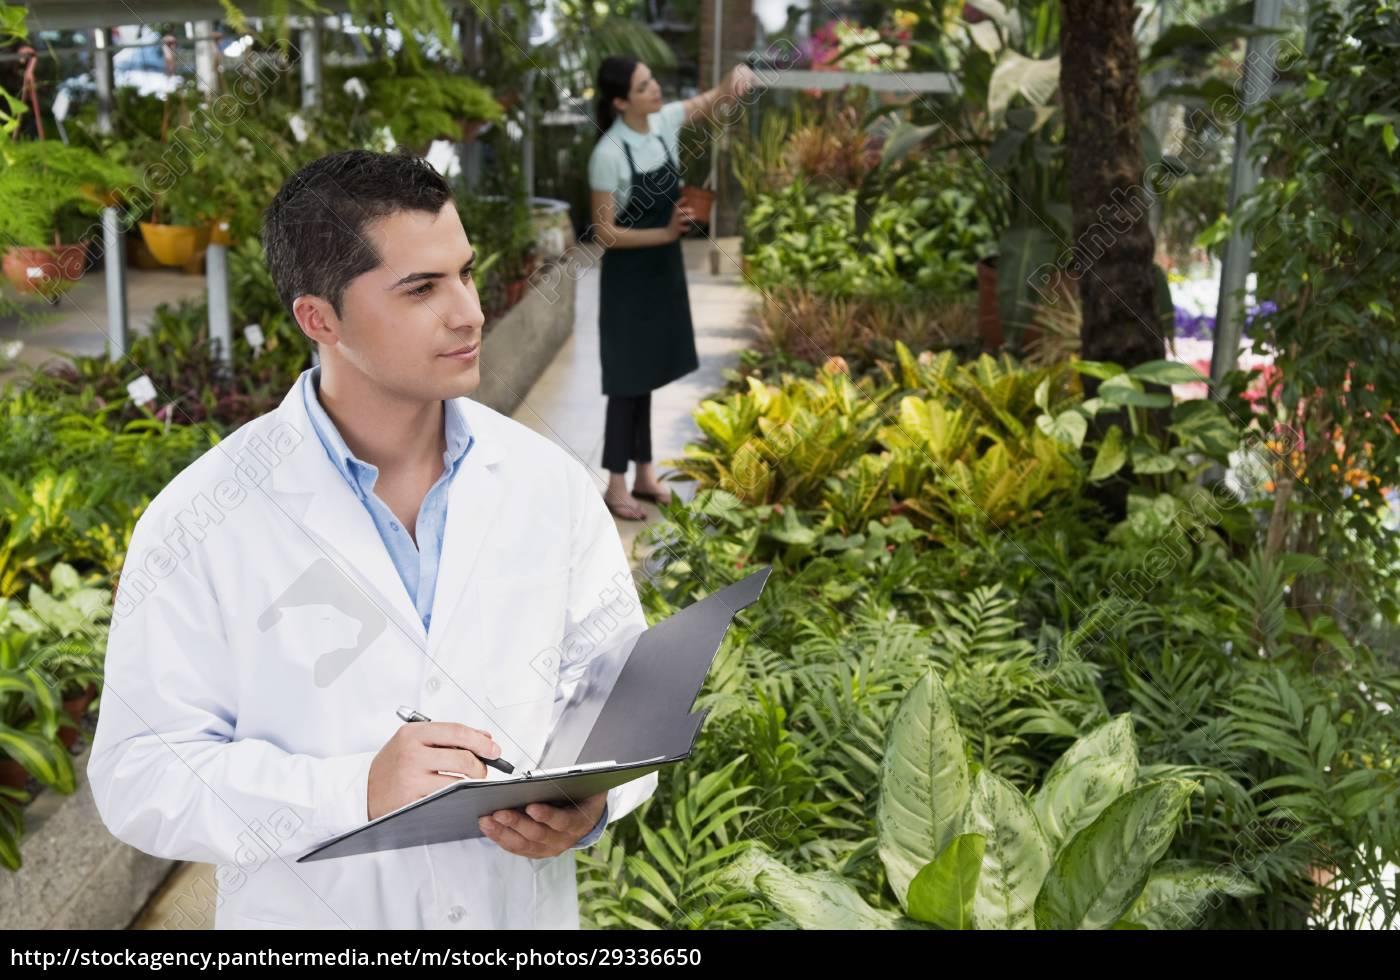 wissenschaftler, untersucht, pflanzen, in, einem, gewächshaus - 29336650